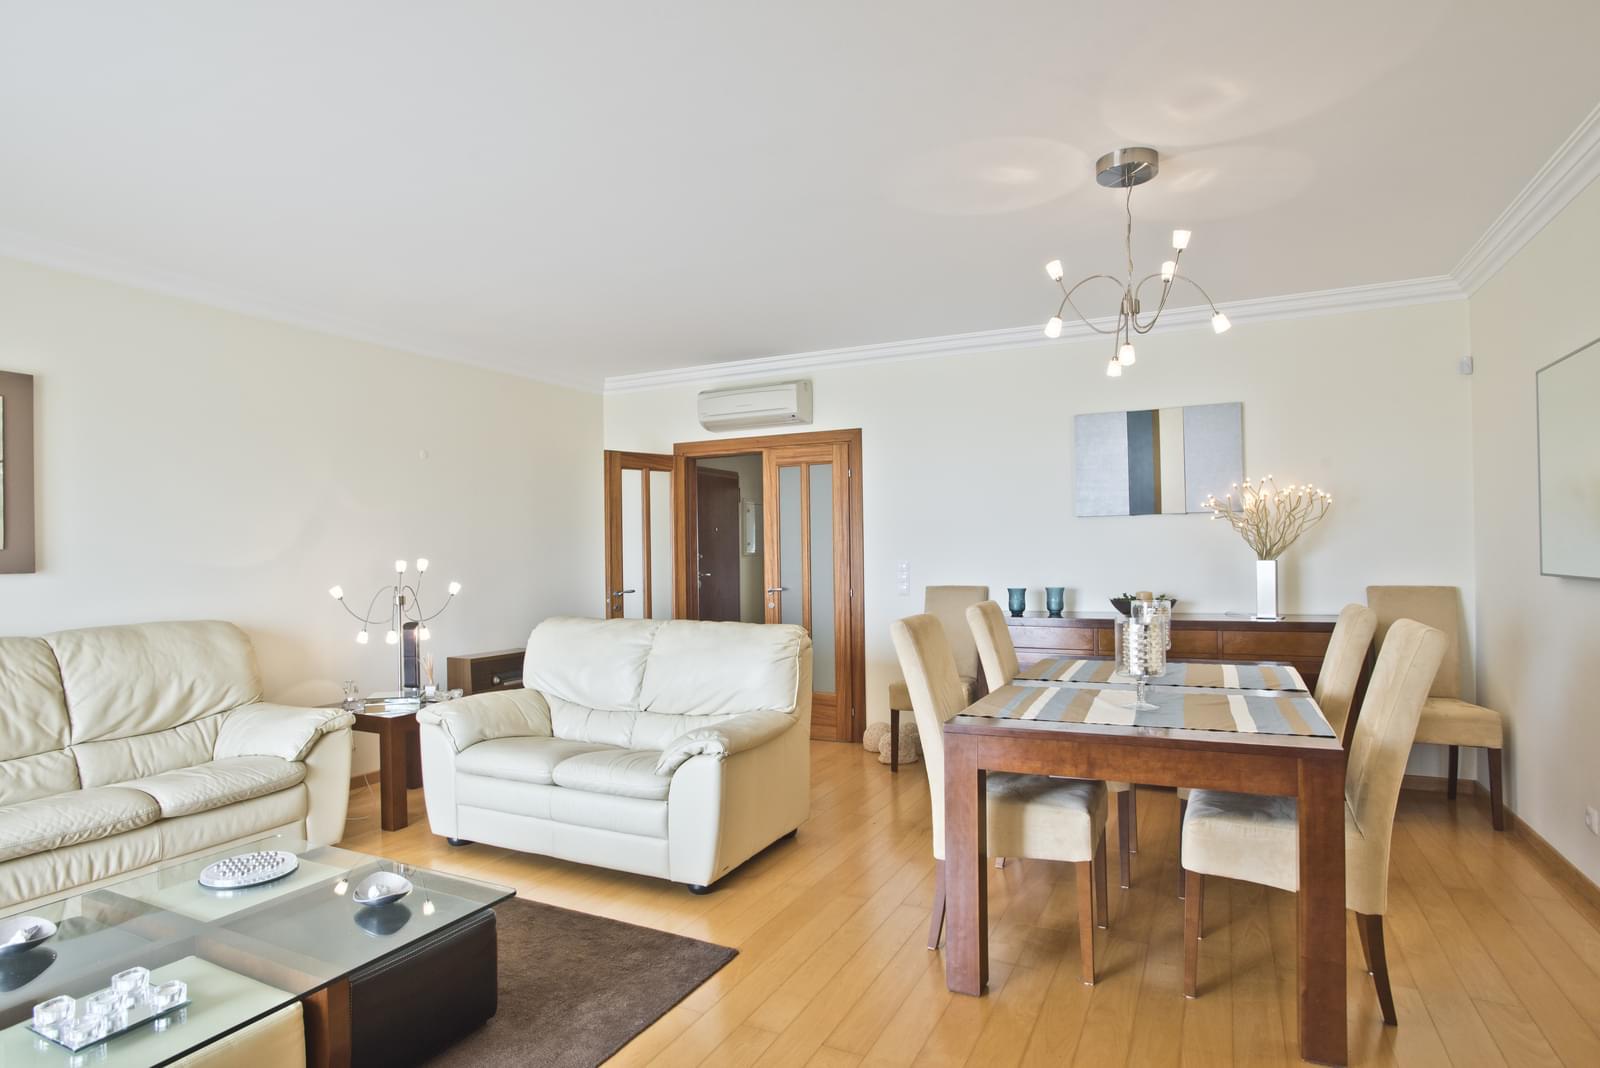 pf17004-apartamento-t3-cascais-6a3b748e-8699-455d-af49-3d20536d618b